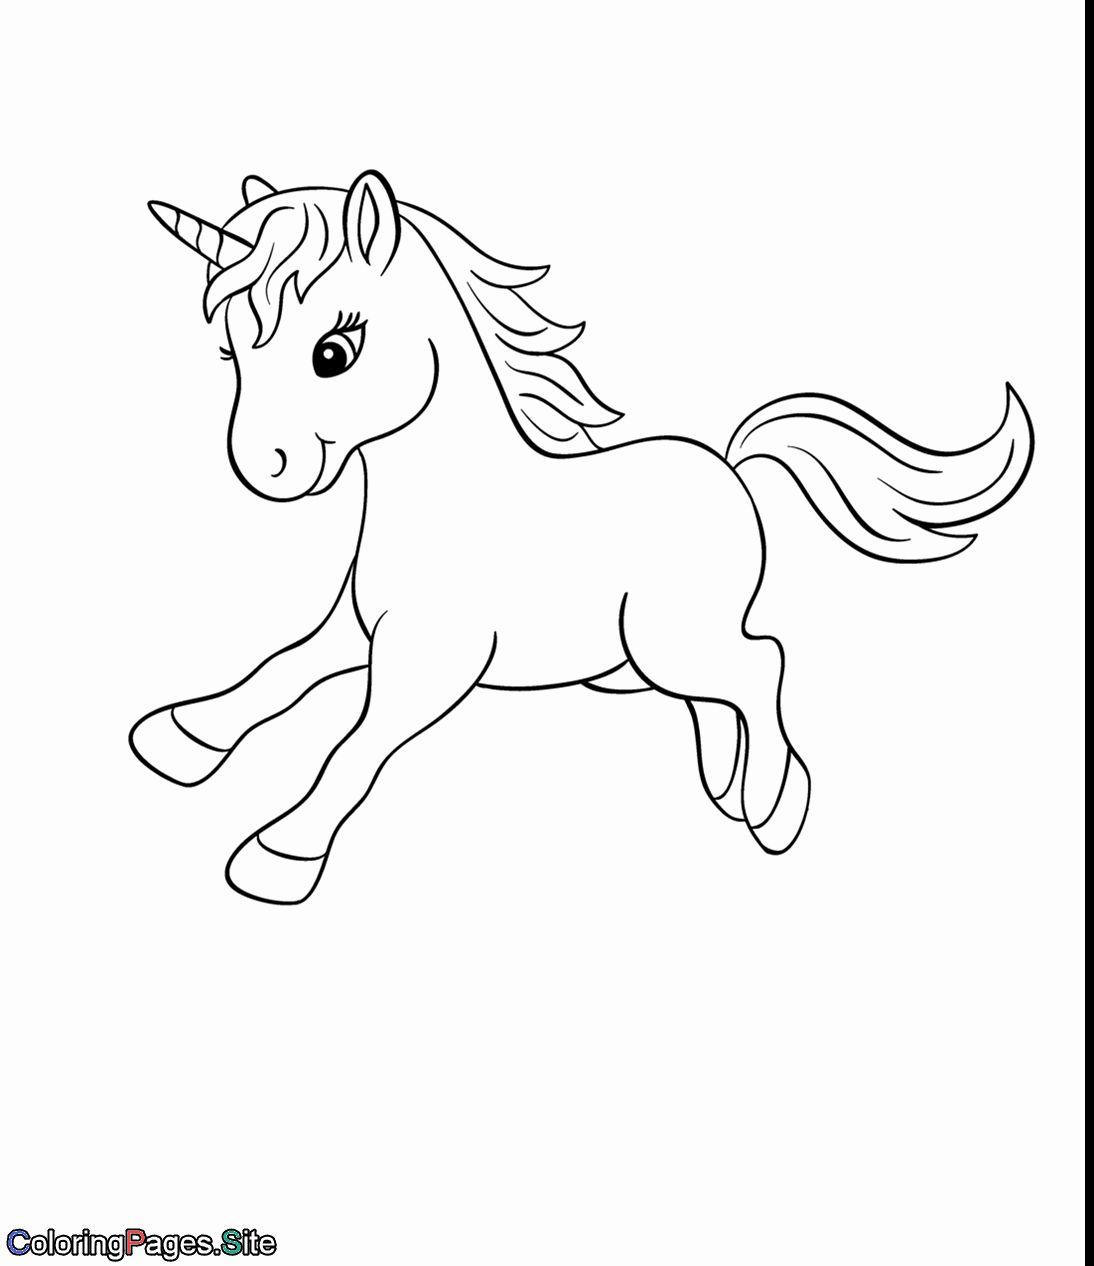 Baby Unicorn Coloring Page Lovely Baby Unicorn Coloring Page Tekenen Eenhoorn